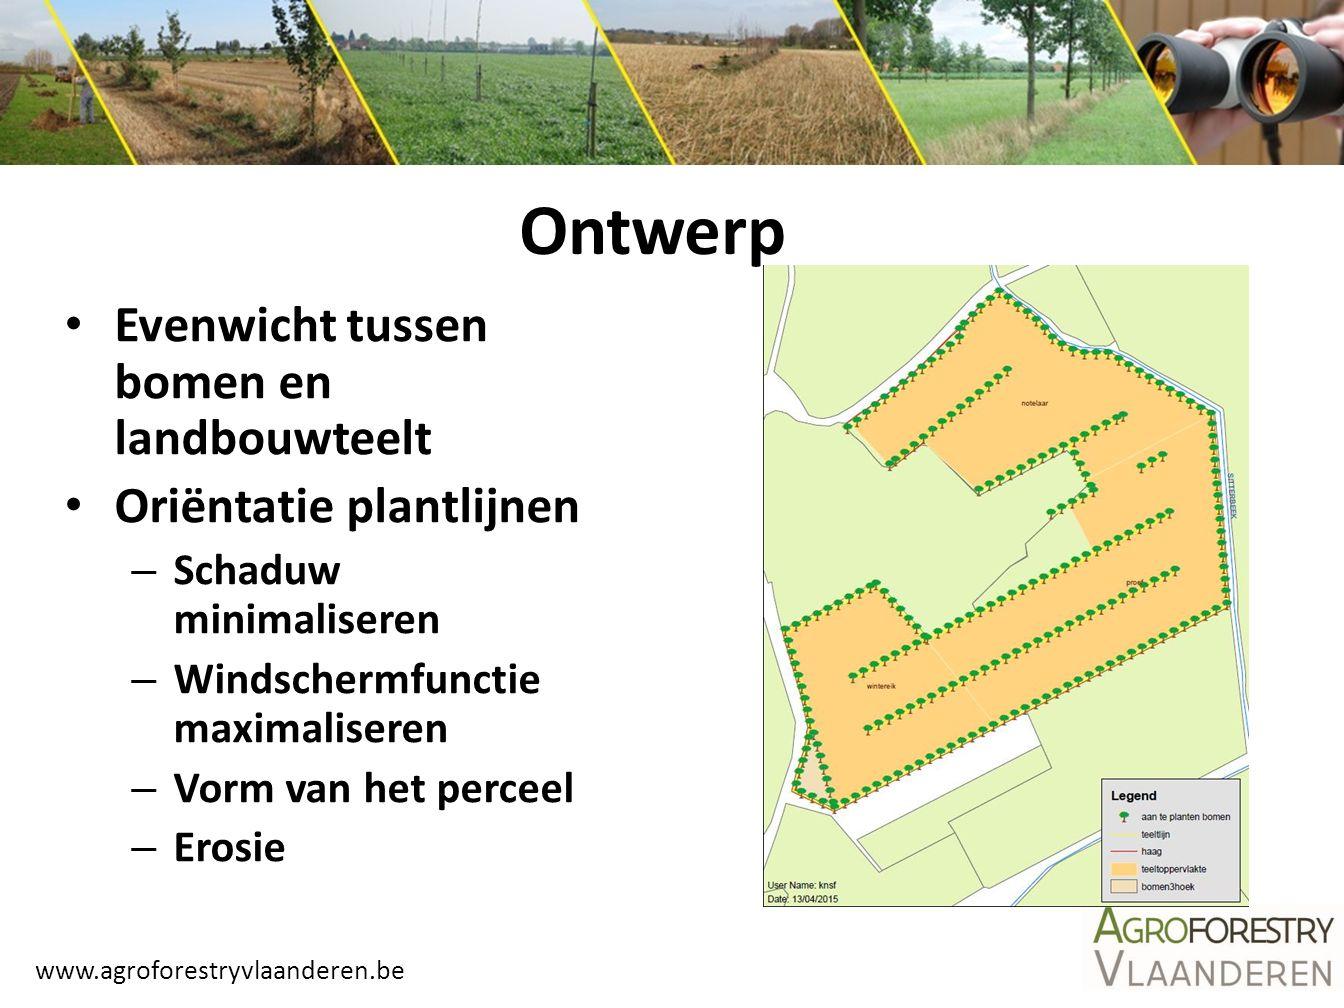 www.agroforestryvlaanderen.be Tussenruimte – In de rij 10 m – Tussen de rij: Machinedoorgangen Kopakker Veldwetboek: hoogstambomen op 2 m van rand van perceel Subsidievoorwaarden Ontwerp